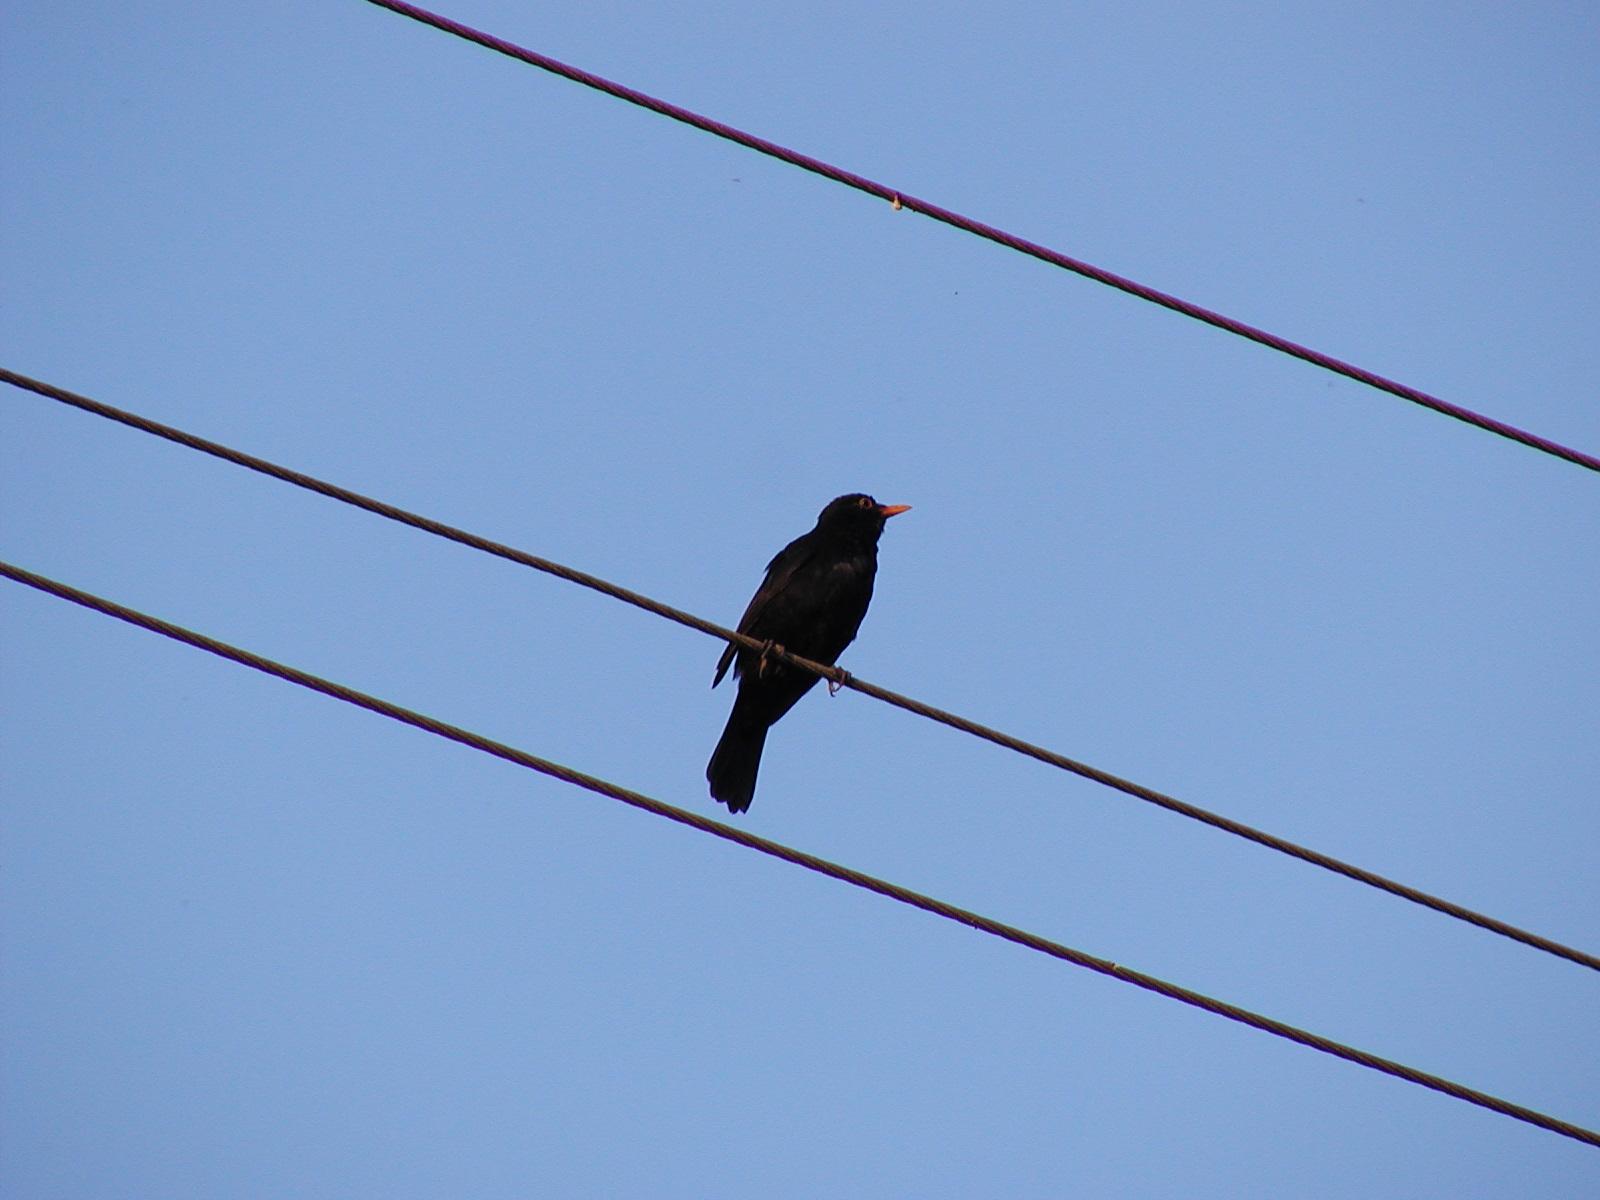 Warum elektrisiert sich ein Vogel auf der Elektroleitung nicht?